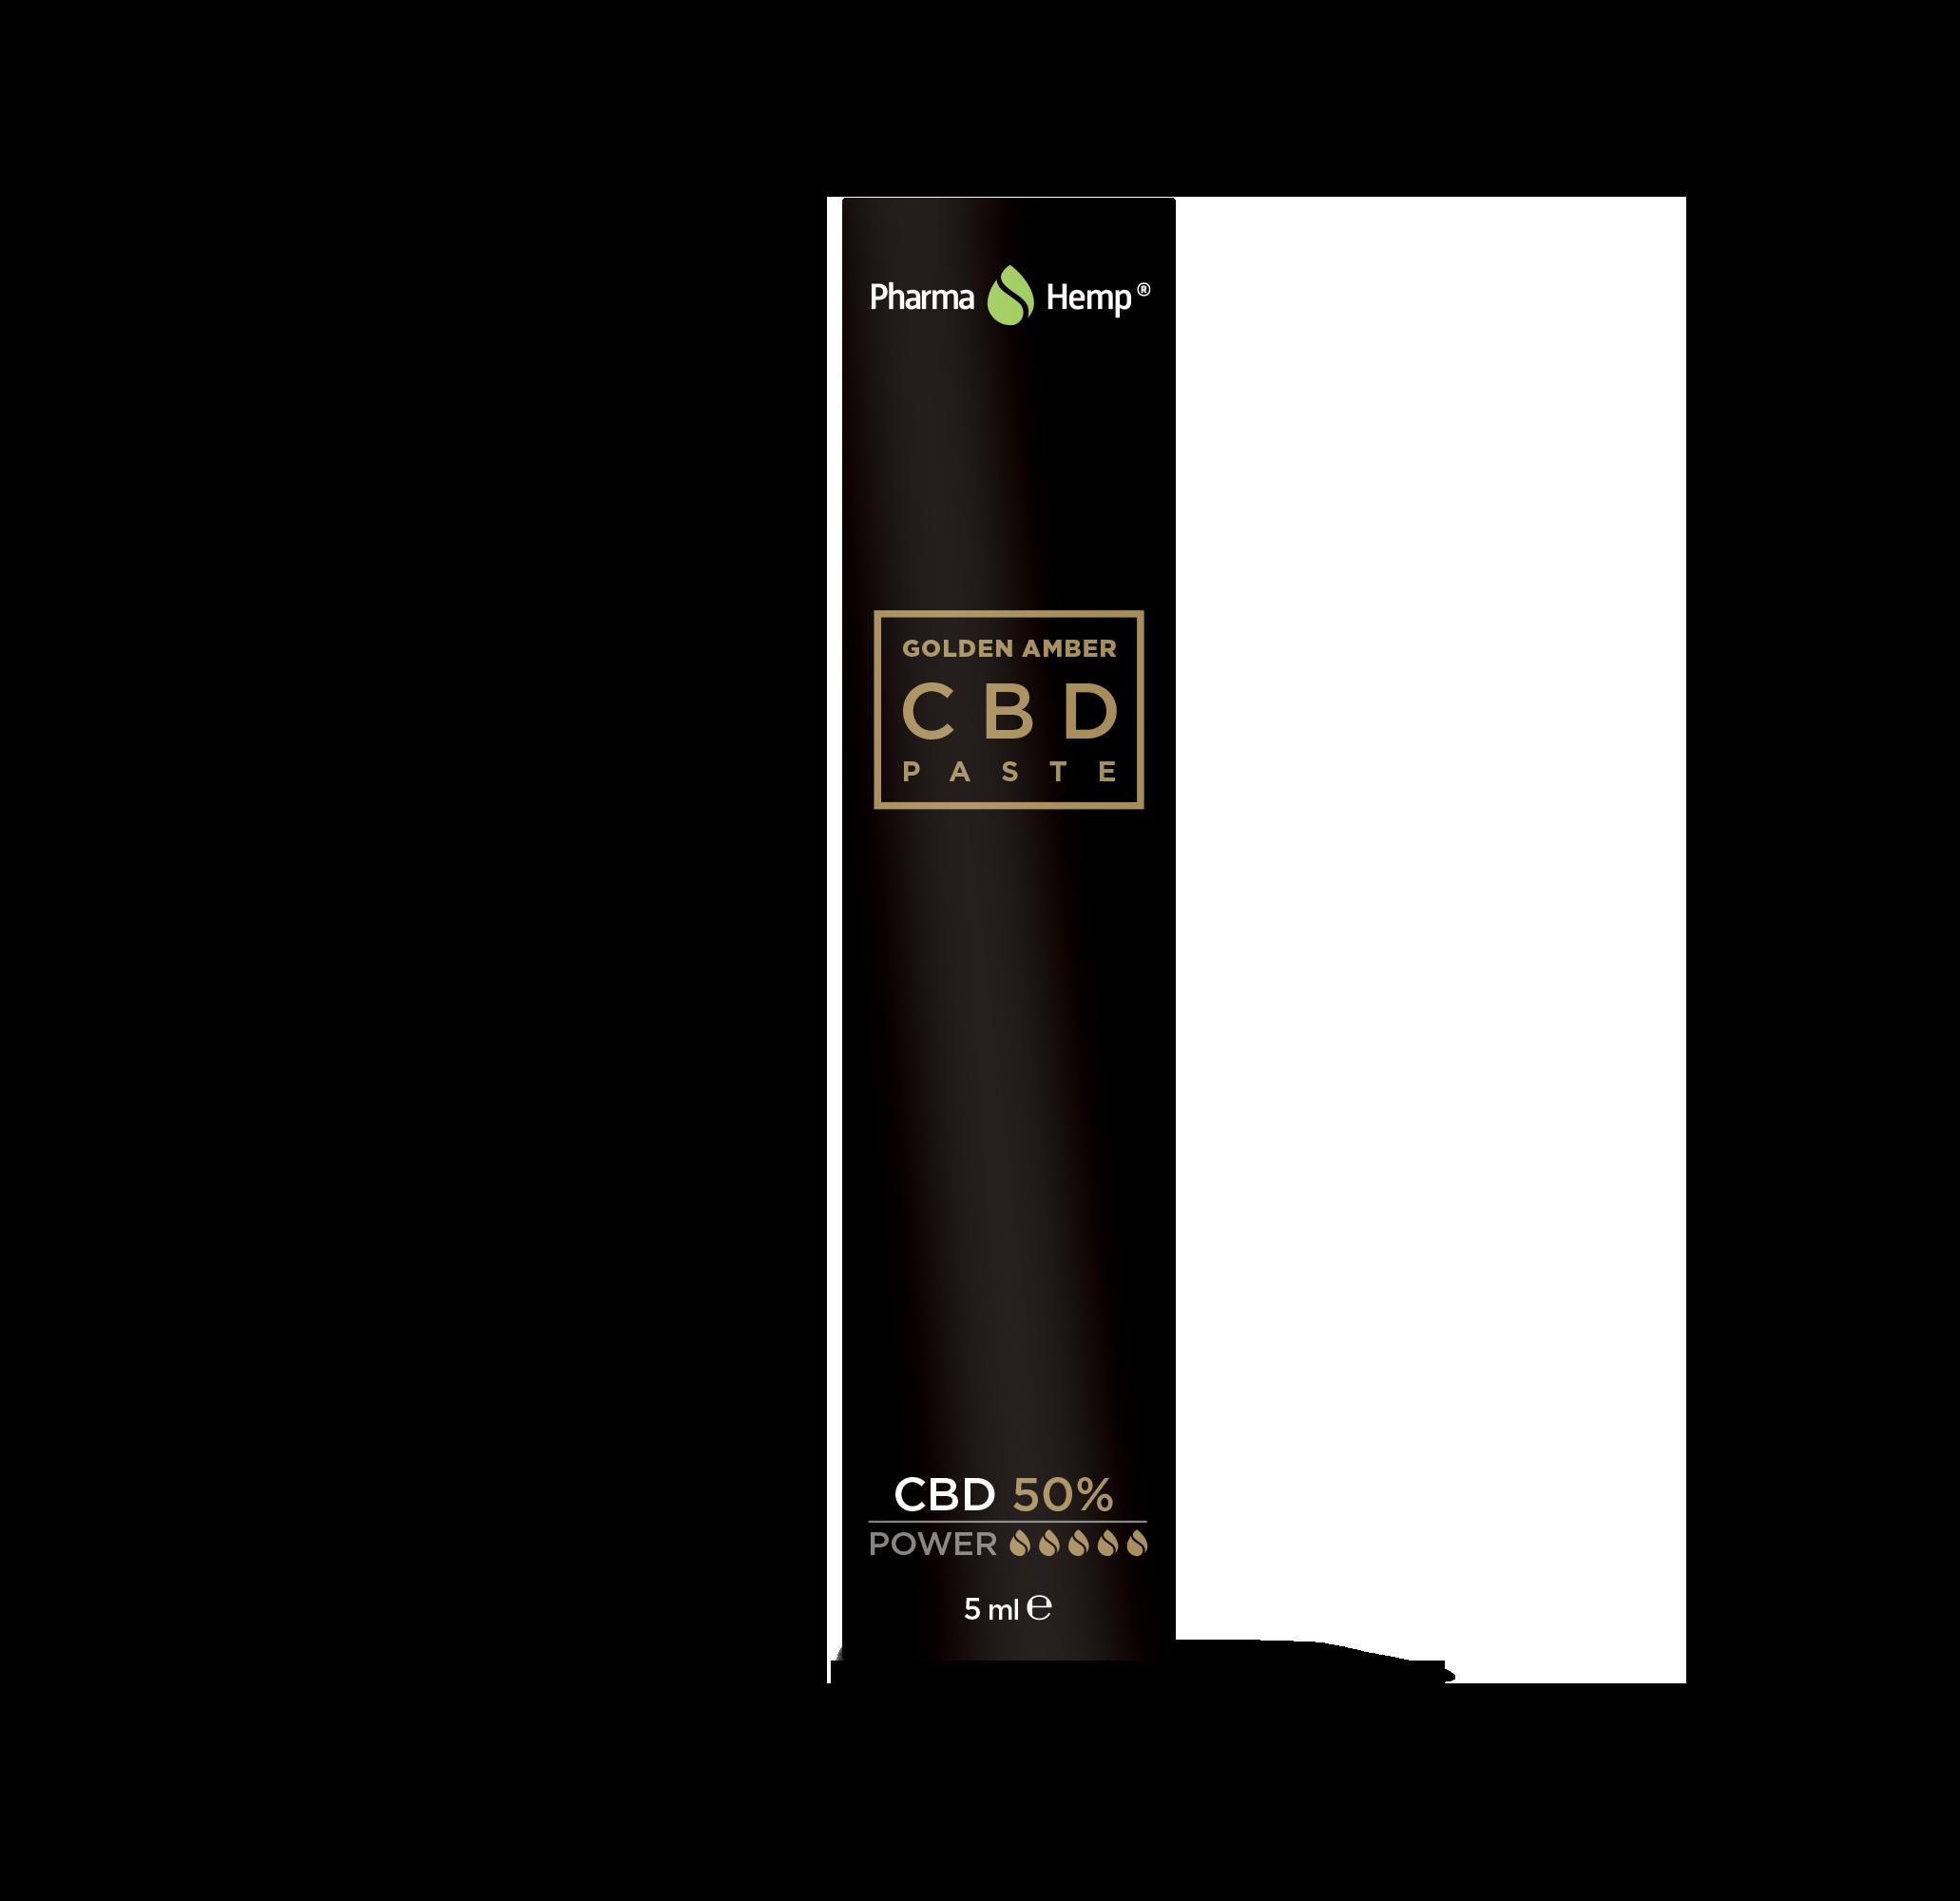 CBD GOLDEN AMBER PASTE 5ml - 50%